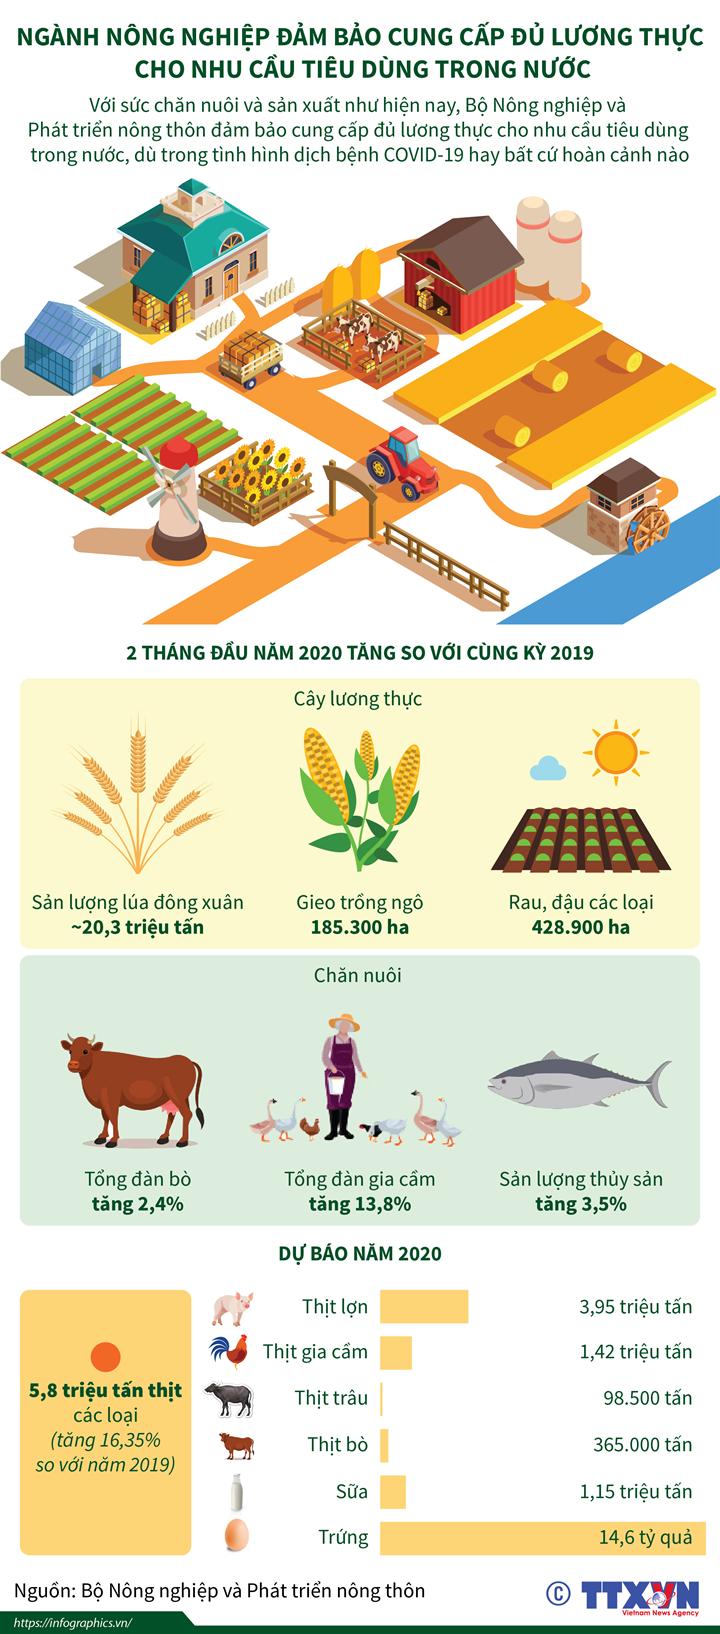 Ngành nông nghiệp đảm bảo cung cấp đủ lương thực cho nhu cầu tiêu dùng trong nước